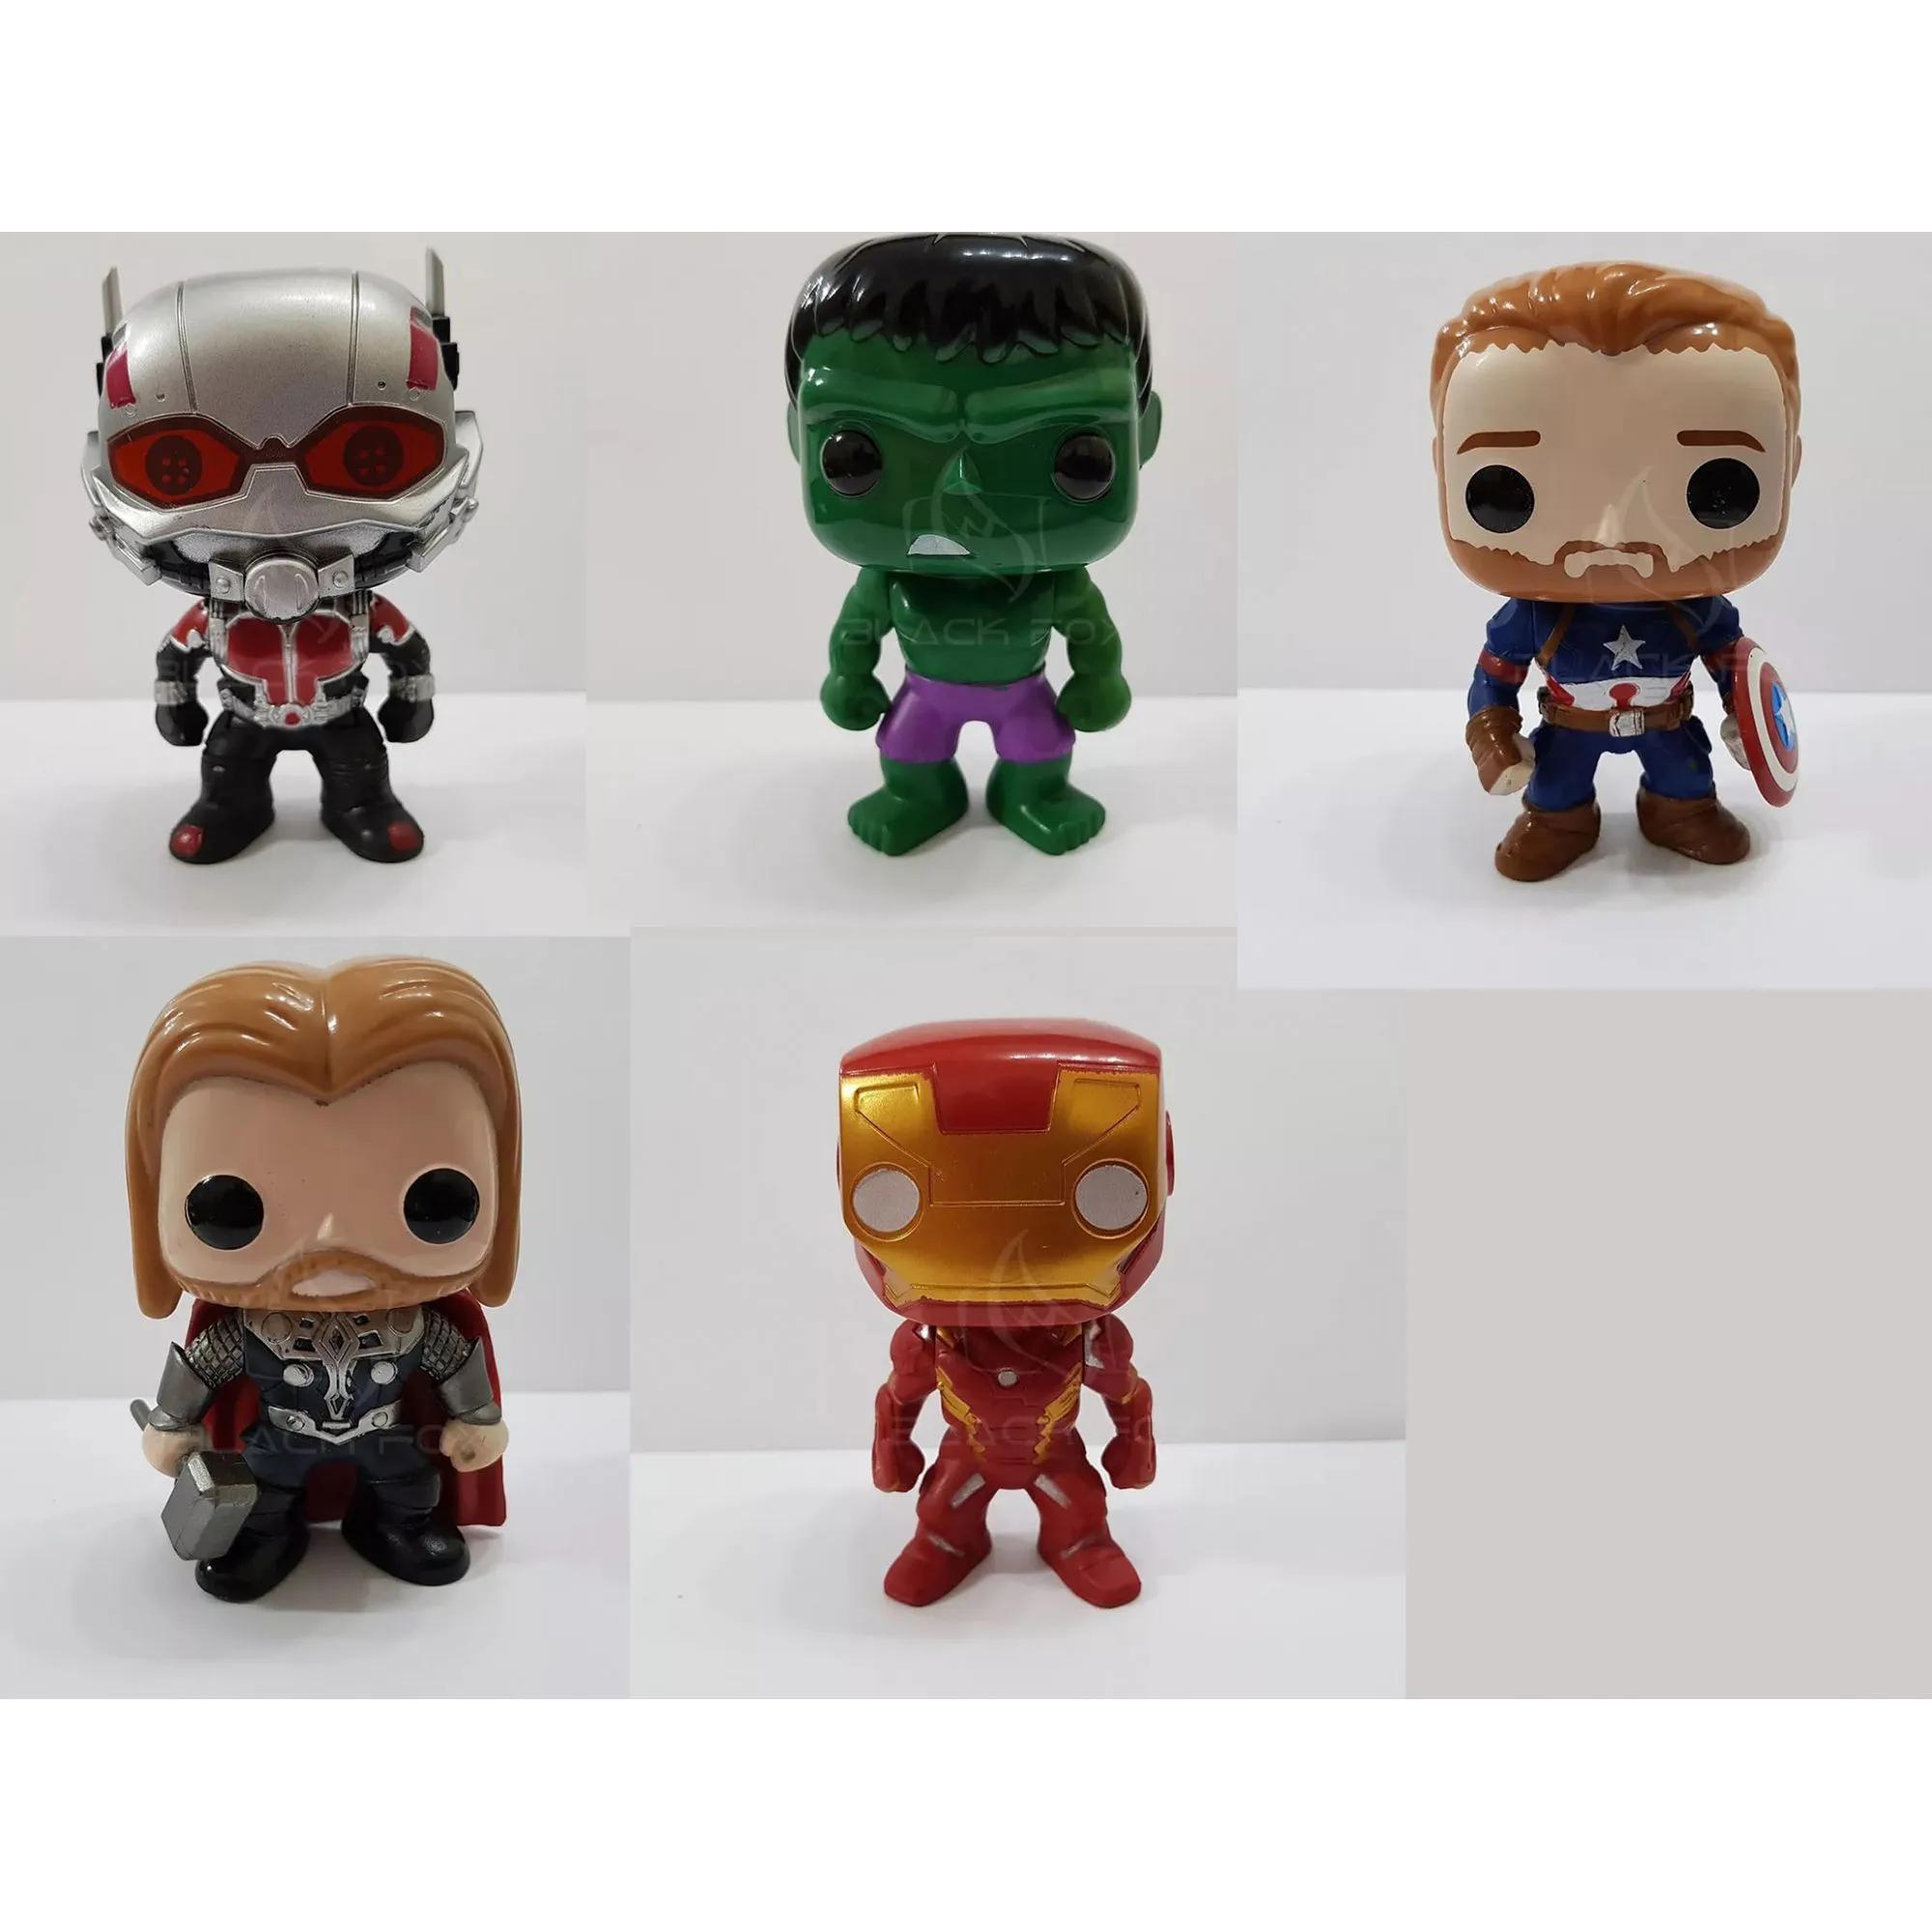 Boneco Vingadores Avengers Marvel Ironman Capitão américa Hulk Antman Thor